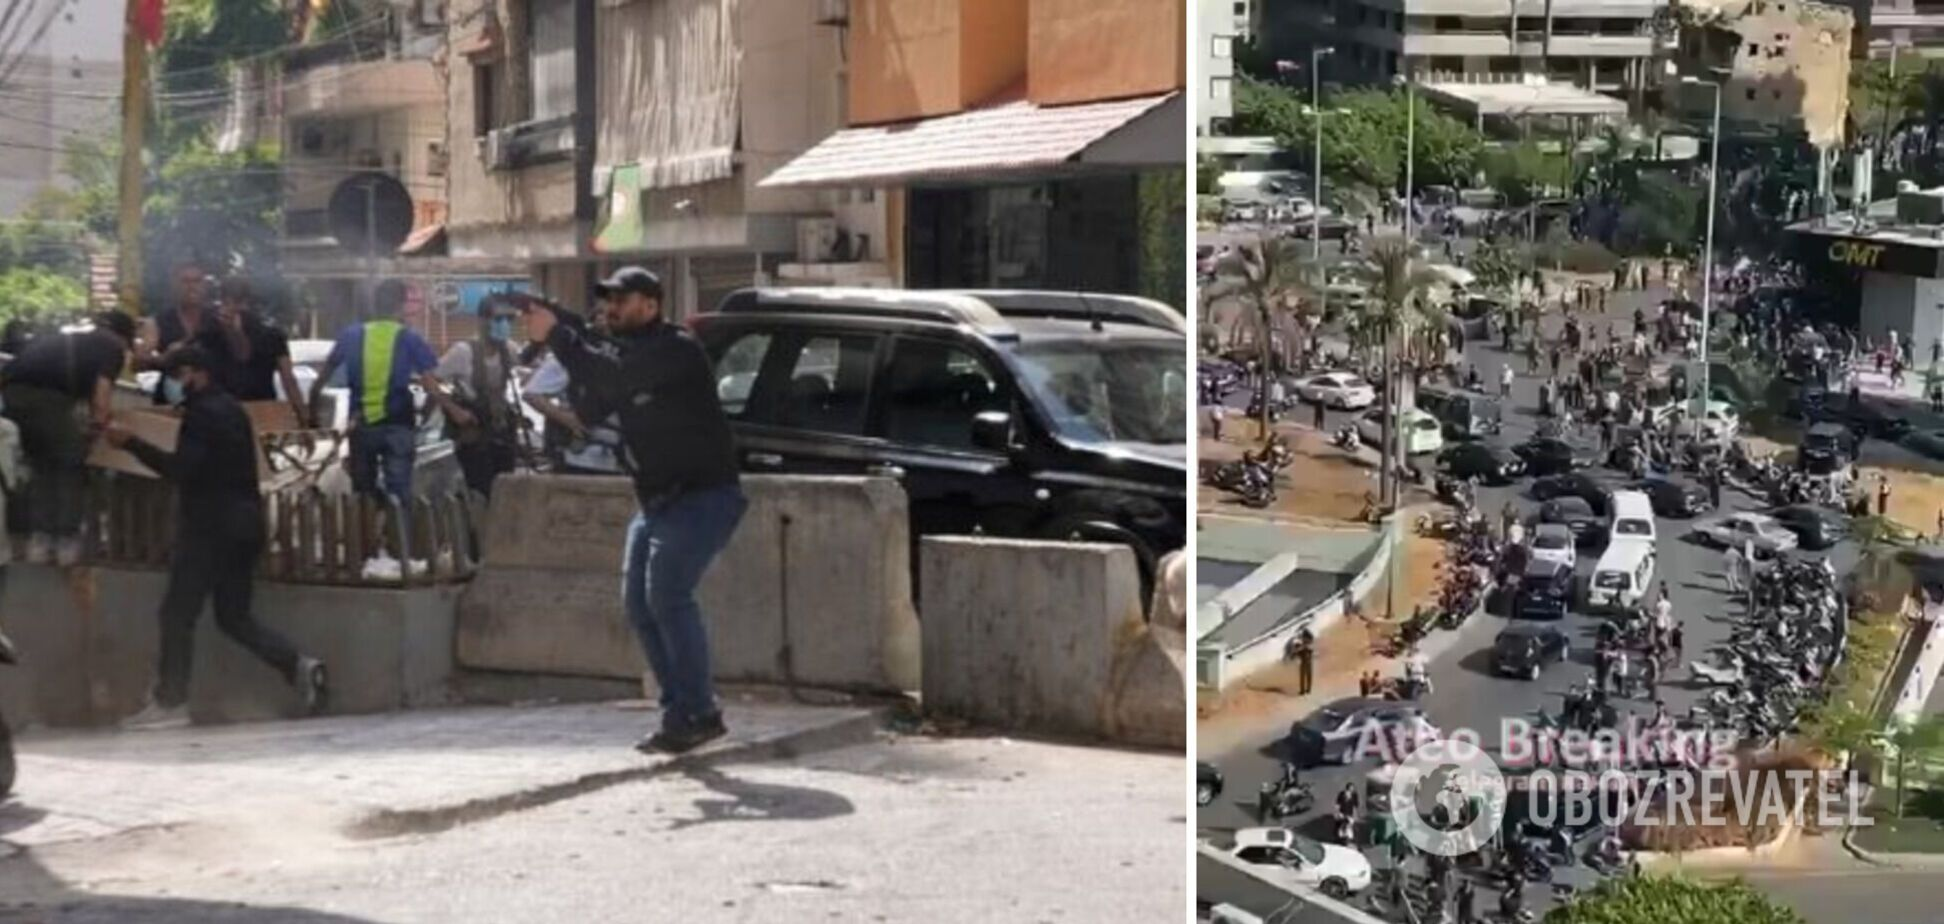 В центре Бейрута вспыхнули масштабные протесты со стрельбой: есть погибшие и раненые. Фото и видео